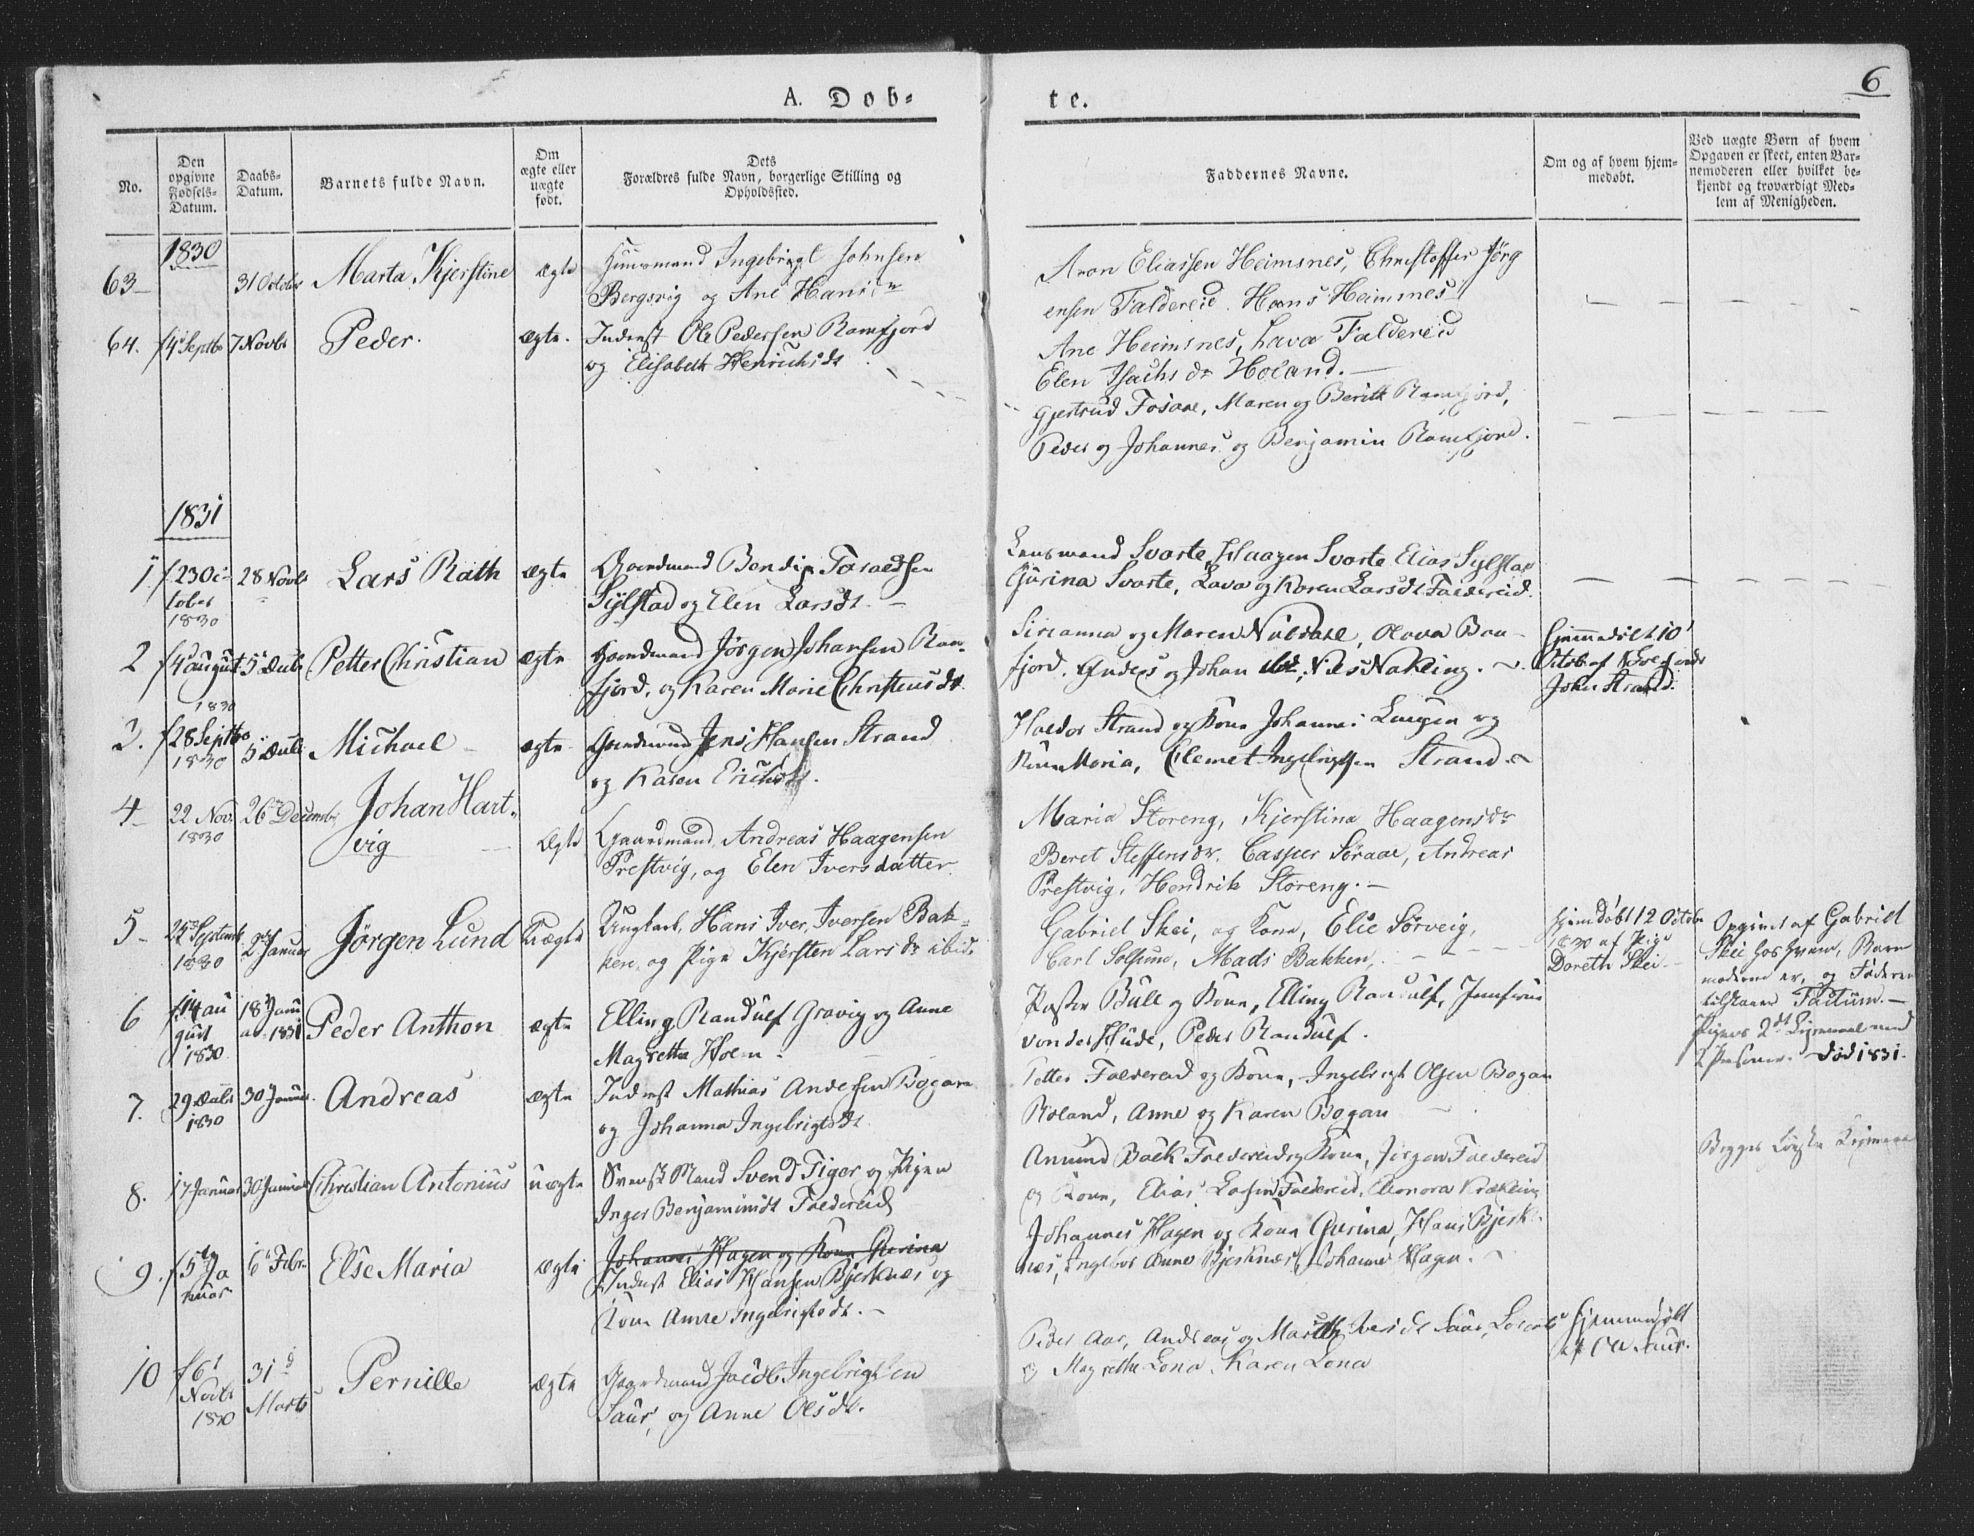 SAT, Ministerialprotokoller, klokkerbøker og fødselsregistre - Nord-Trøndelag, 780/L0639: Ministerialbok nr. 780A04, 1830-1844, s. 6